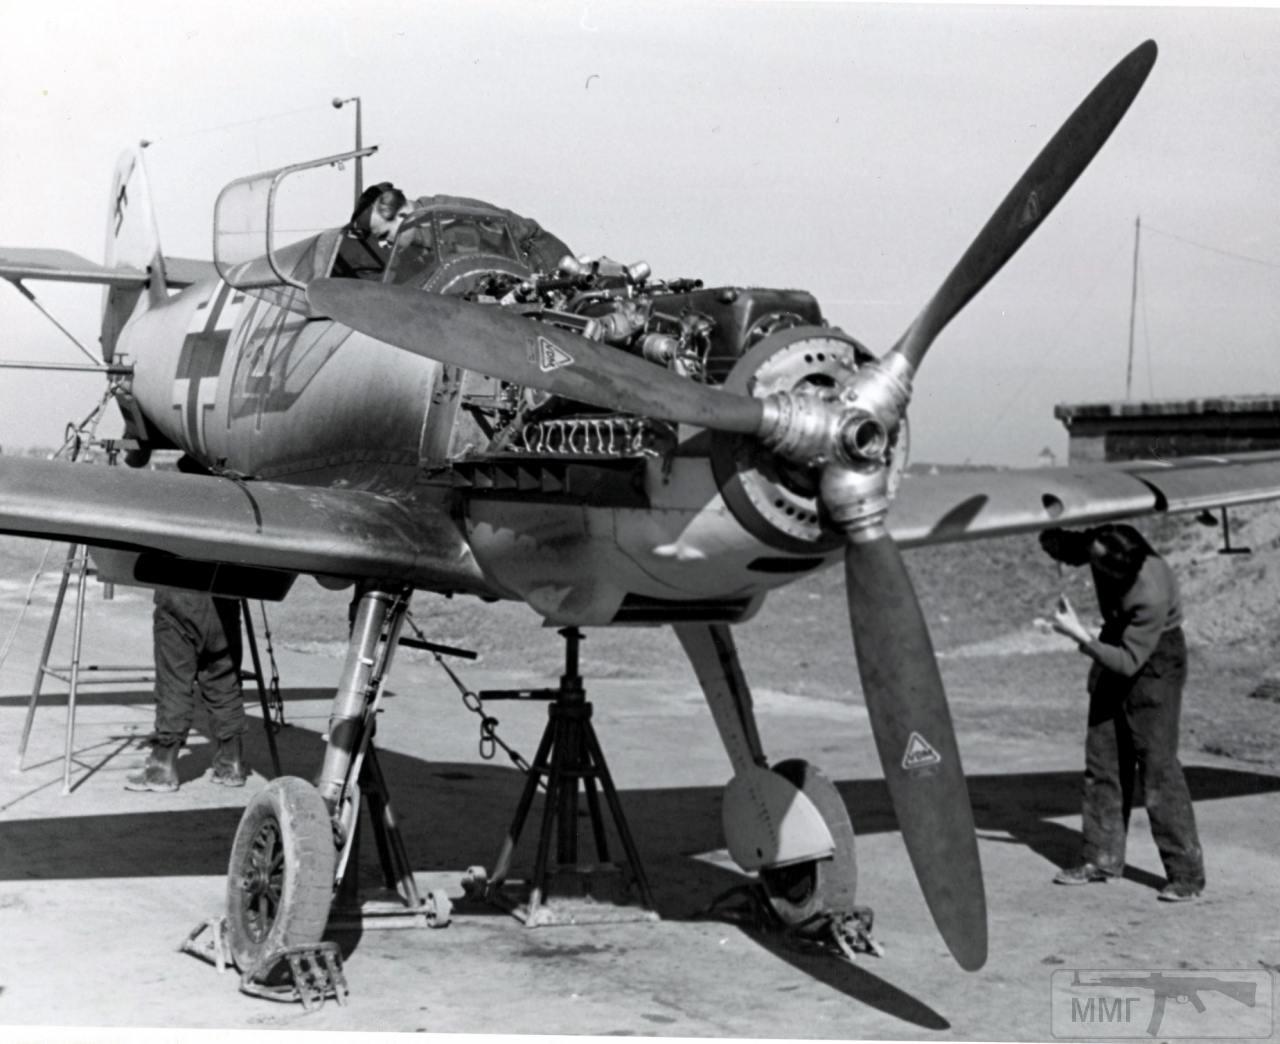 35408 - Messerschmitt Bf.109